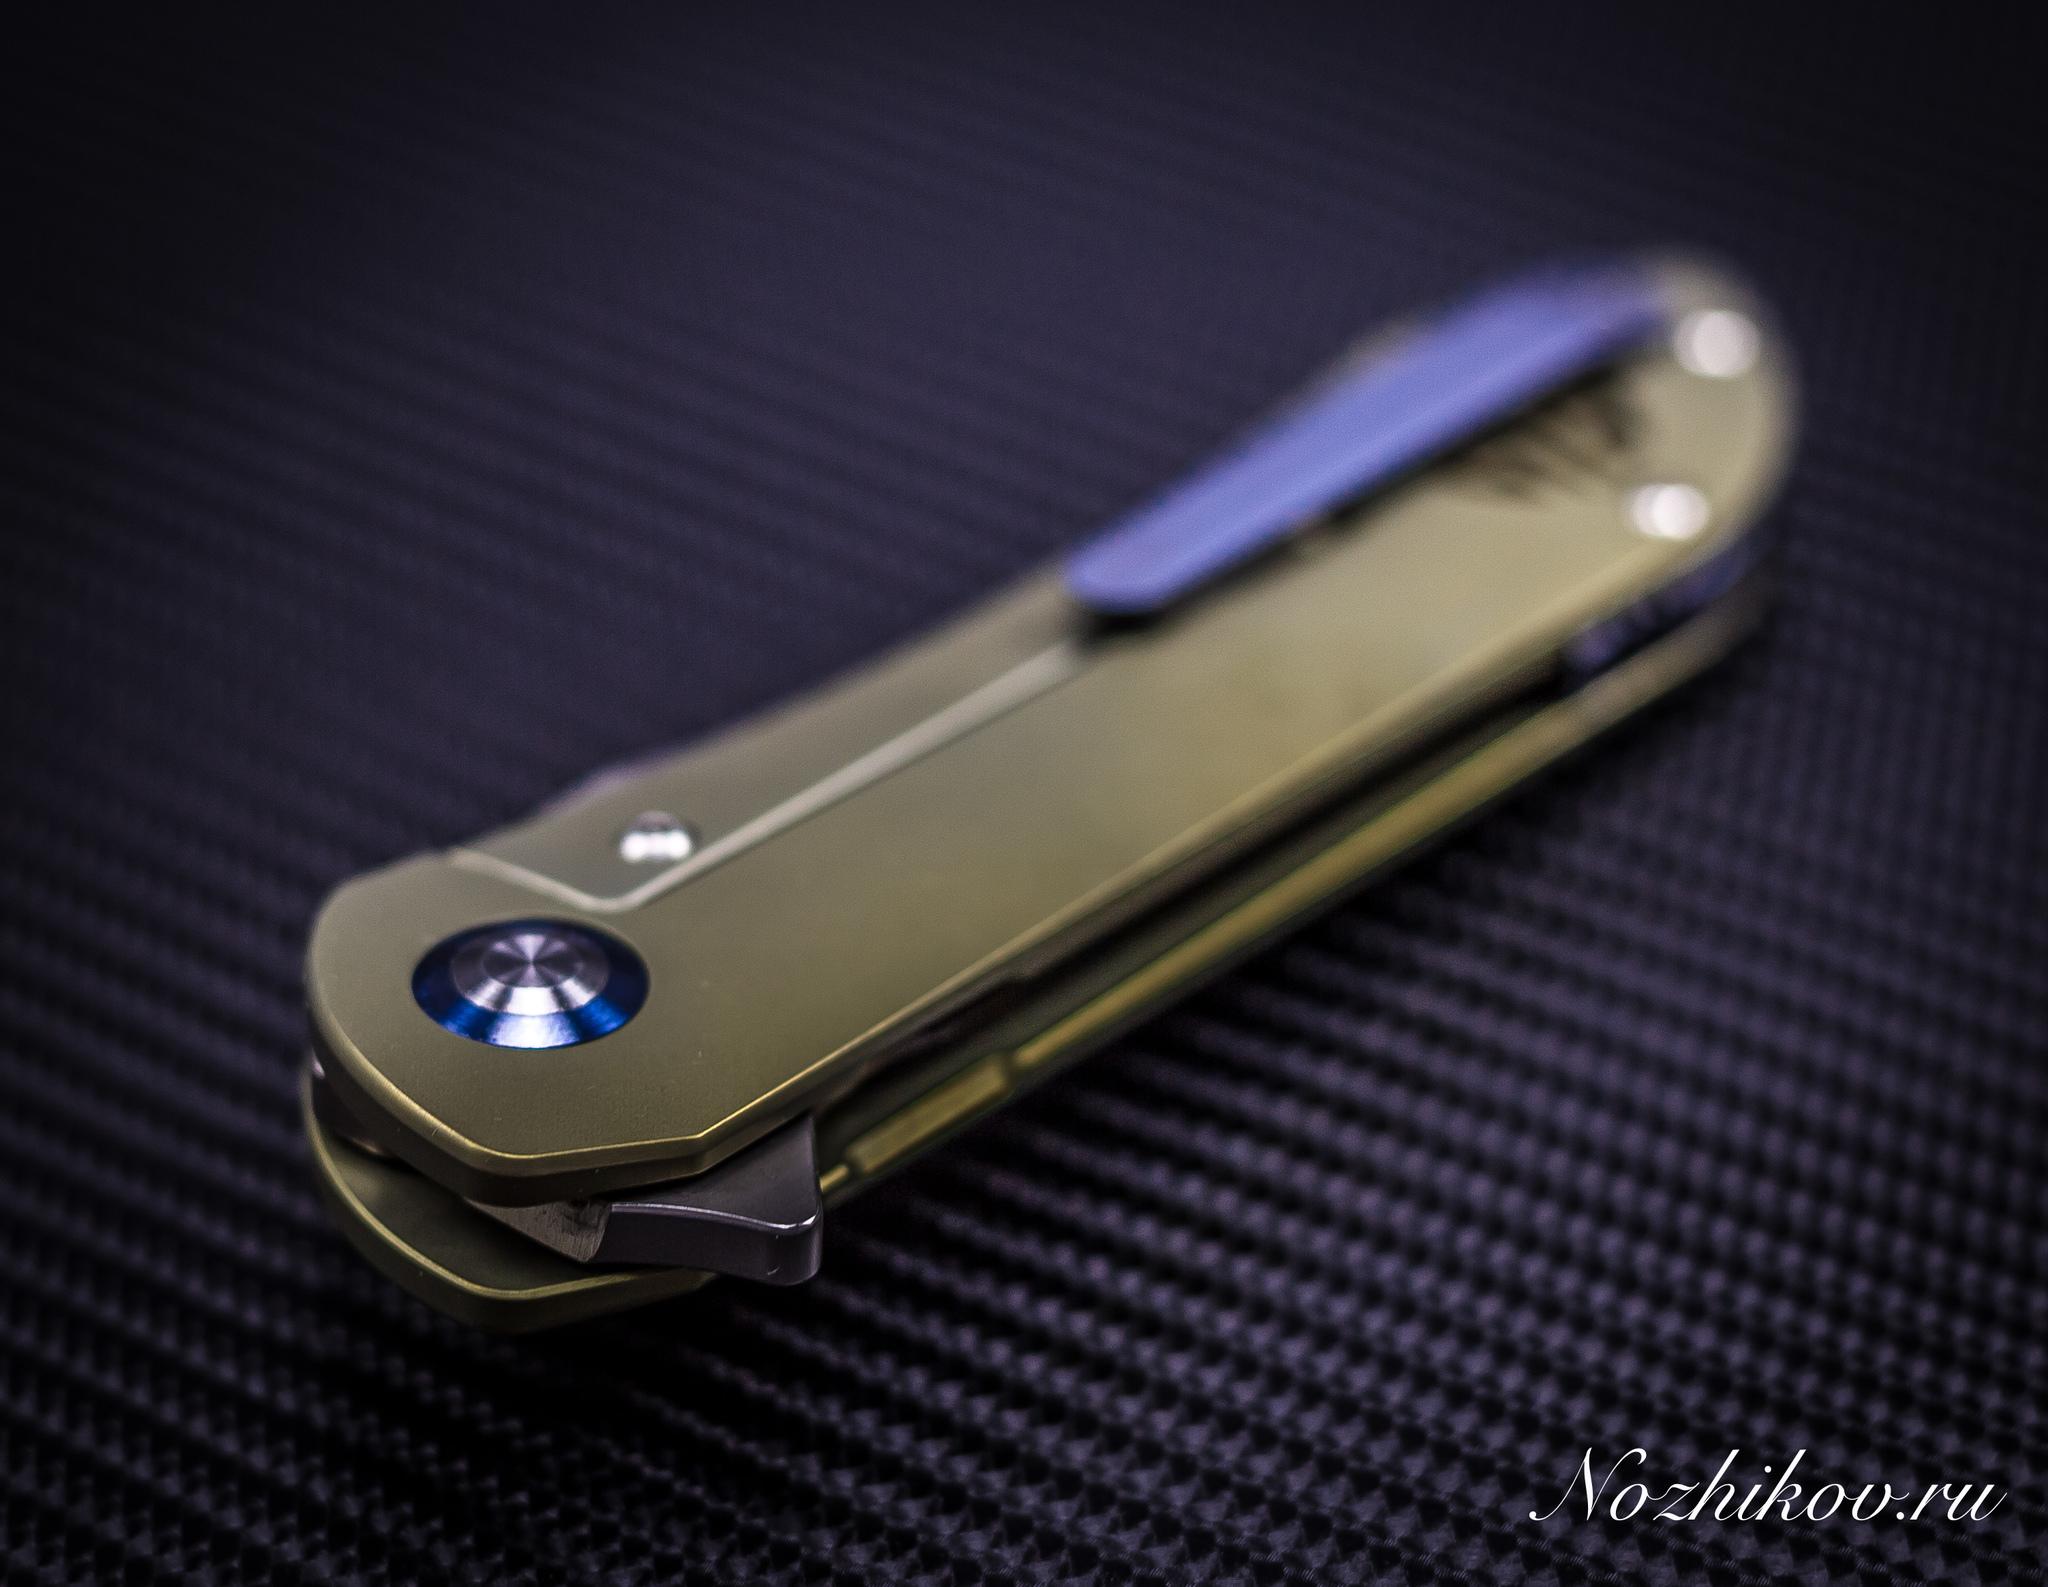 Фото 4 - Складной нож Bestech Knives BT1703B, сталь CPM-S35VN, рукоять титан